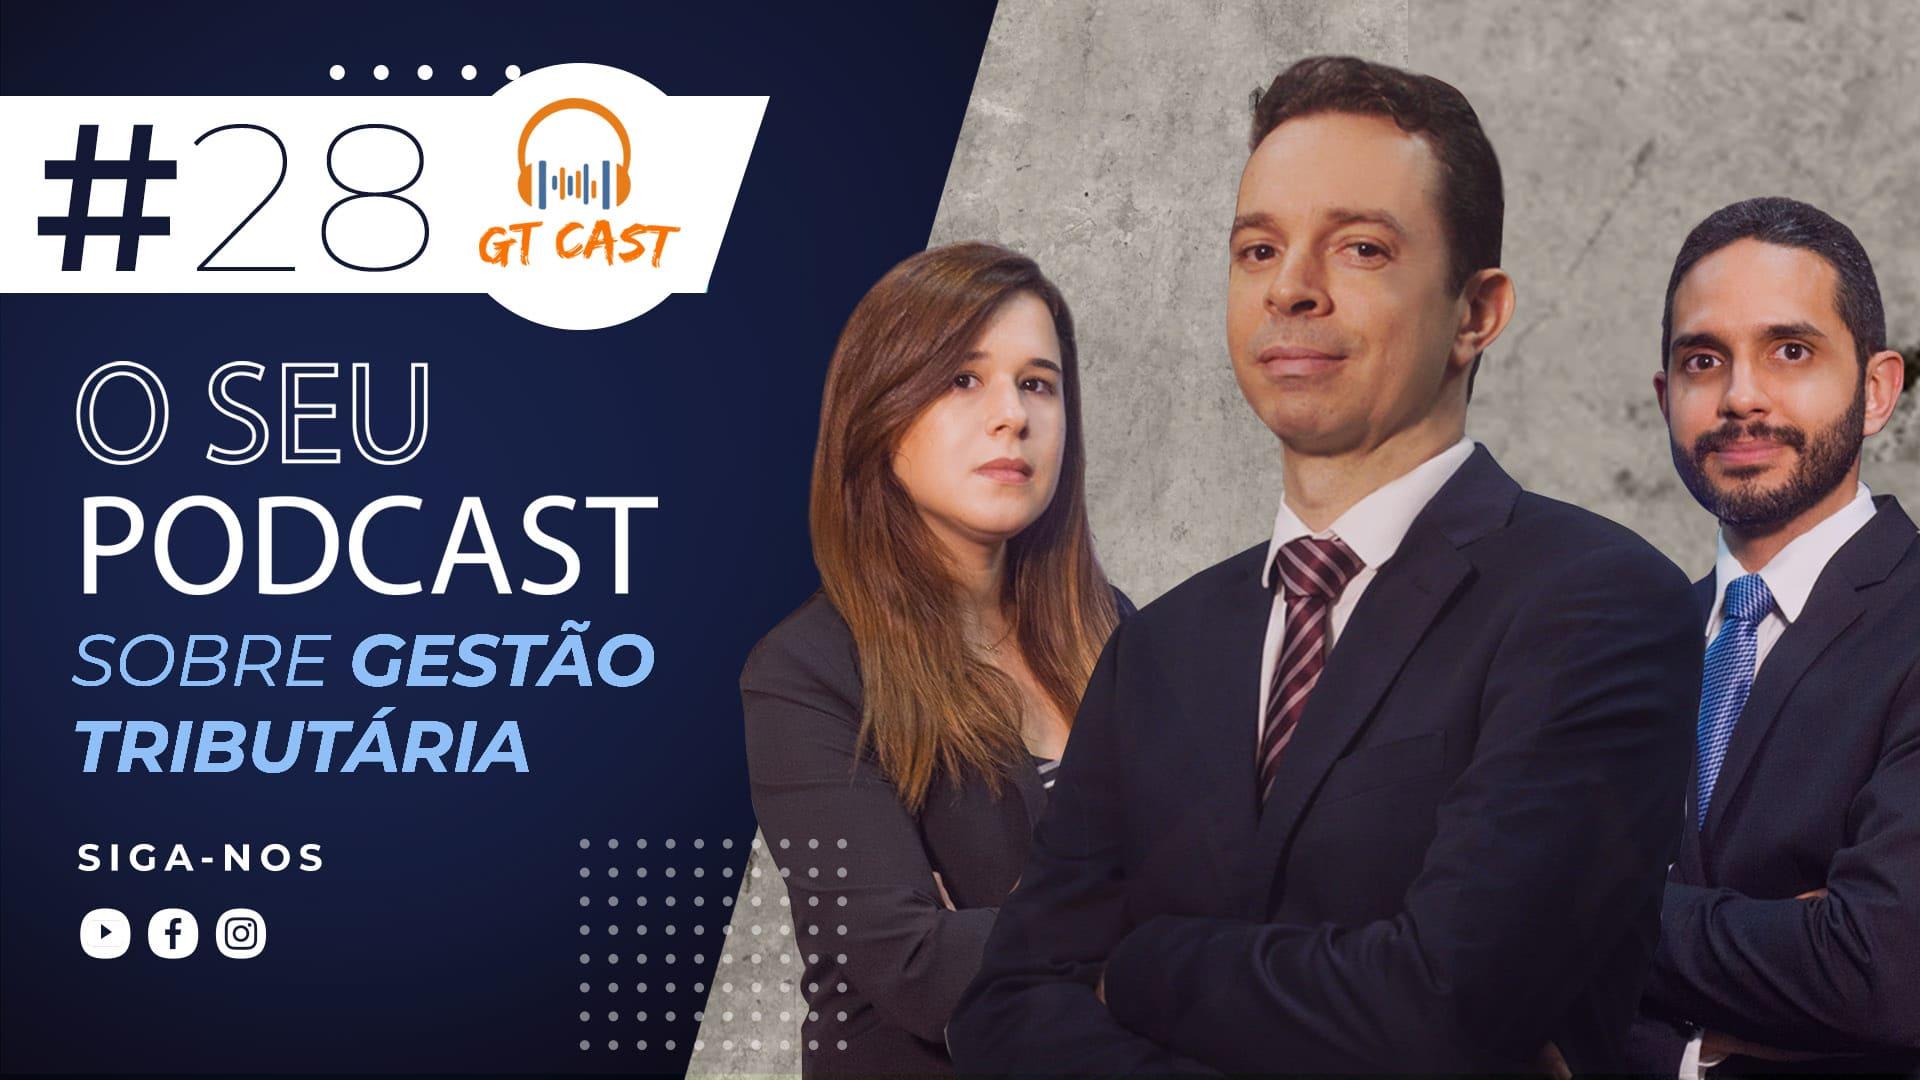 gt-cast-28-abril-2021-o-seu-podcast-sobre-gestao-tributaria